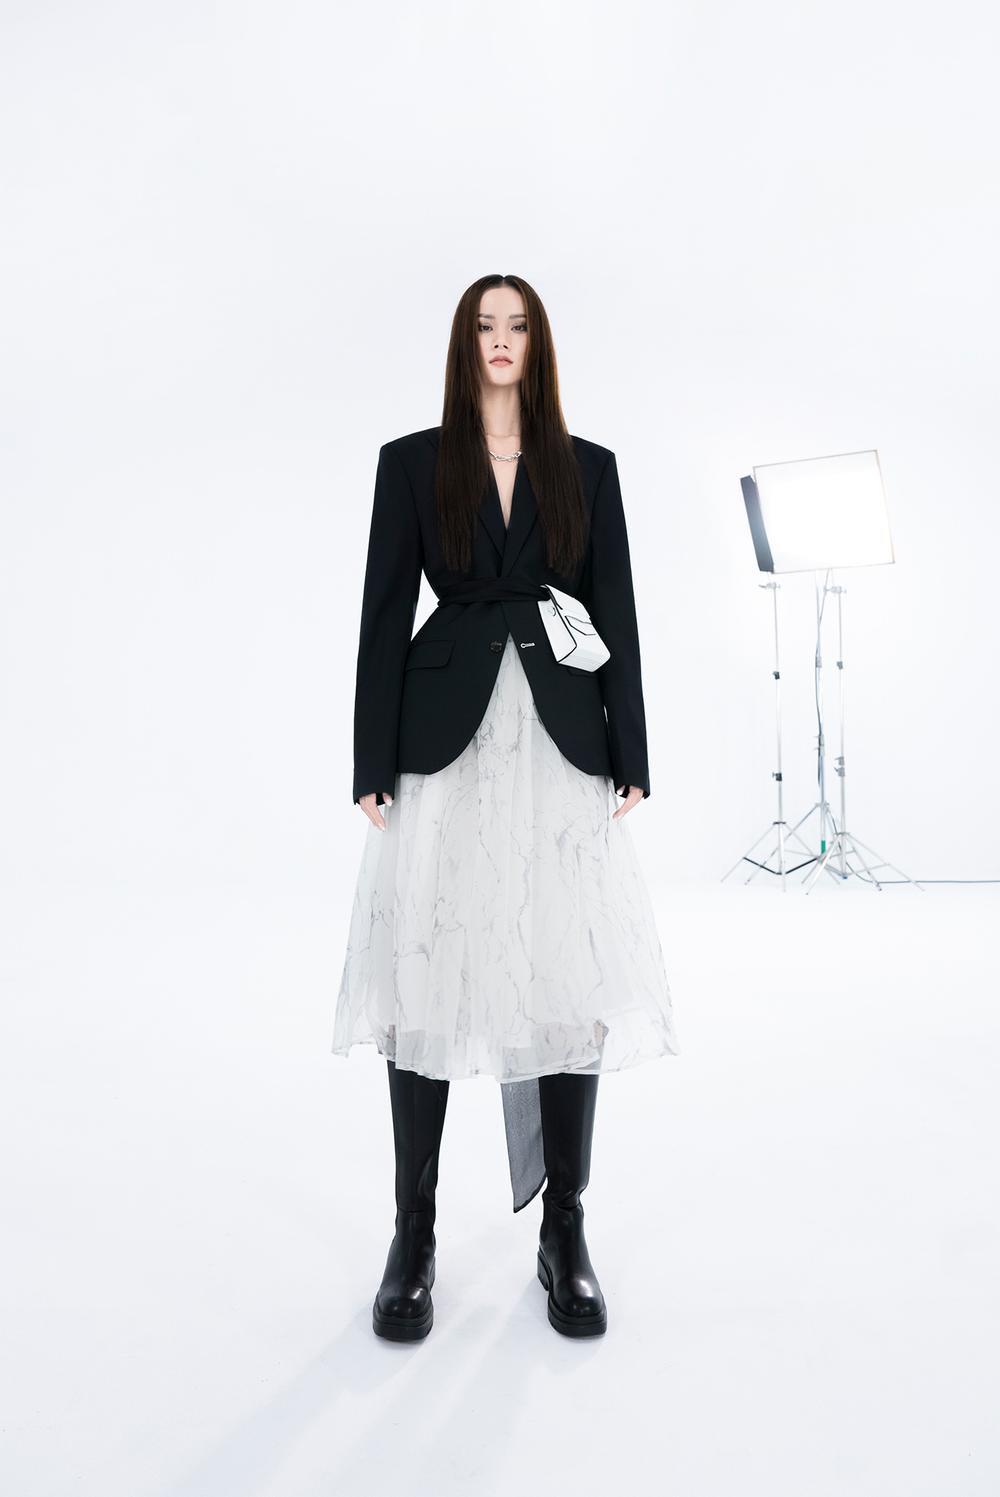 NTK Trần Hùng ra mắt BST tại London Fashion Week, chỉ dùng một người mẫu duy nhất Ảnh 8